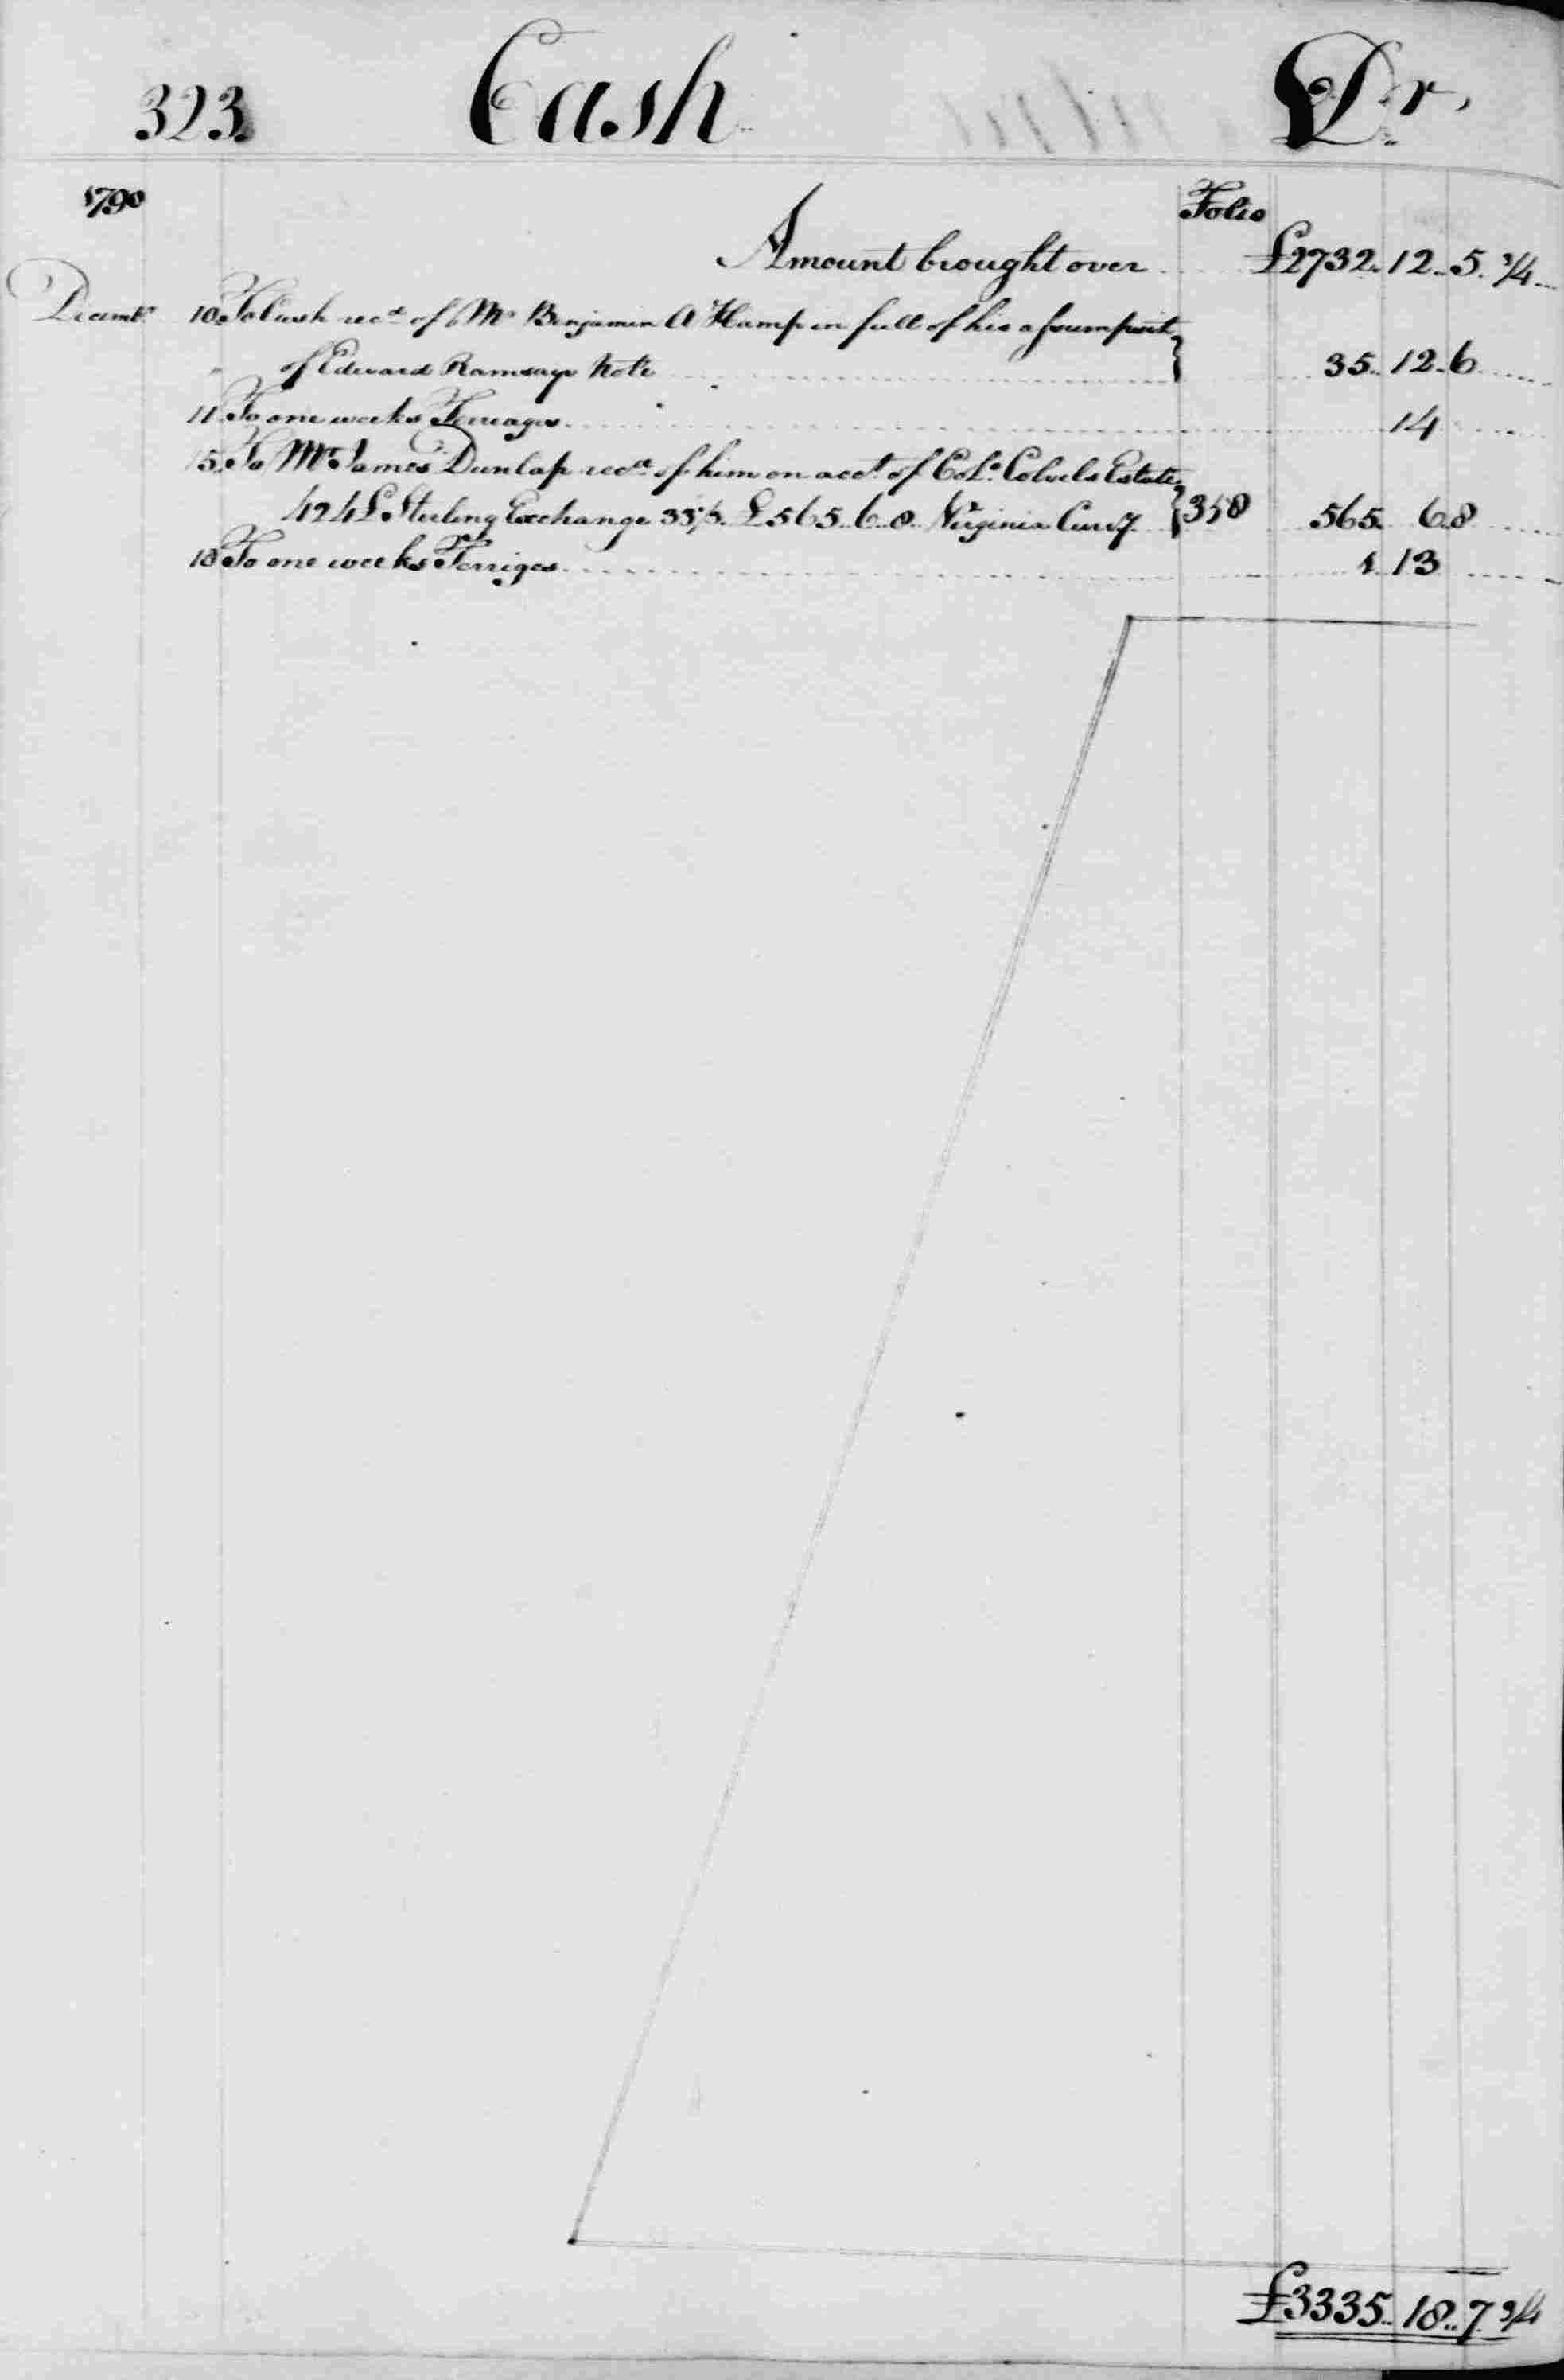 Ledger B, folio 323, left side